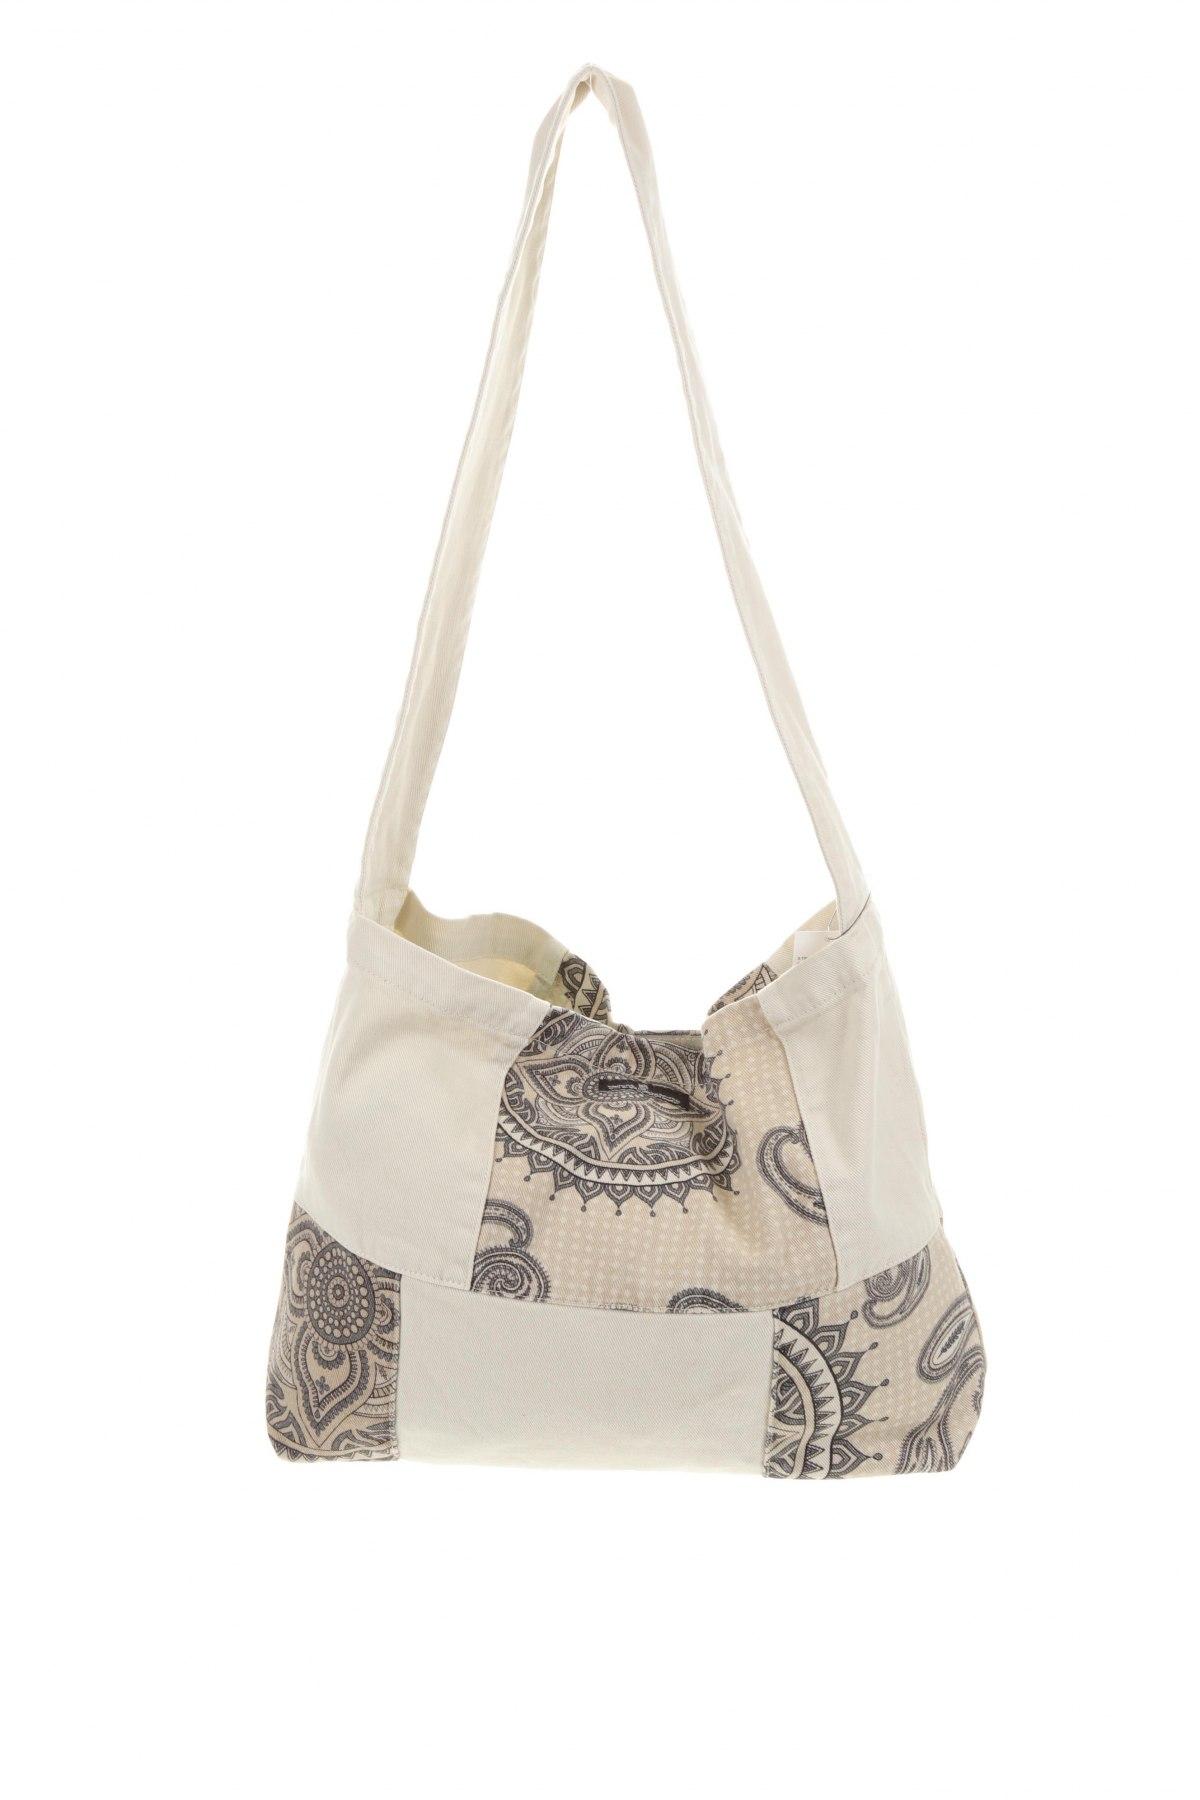 Γυναικεία τσάντα Urban Outfitters, Χρώμα Εκρού, Κλωστοϋφαντουργικά προϊόντα, Τιμή 26,68€